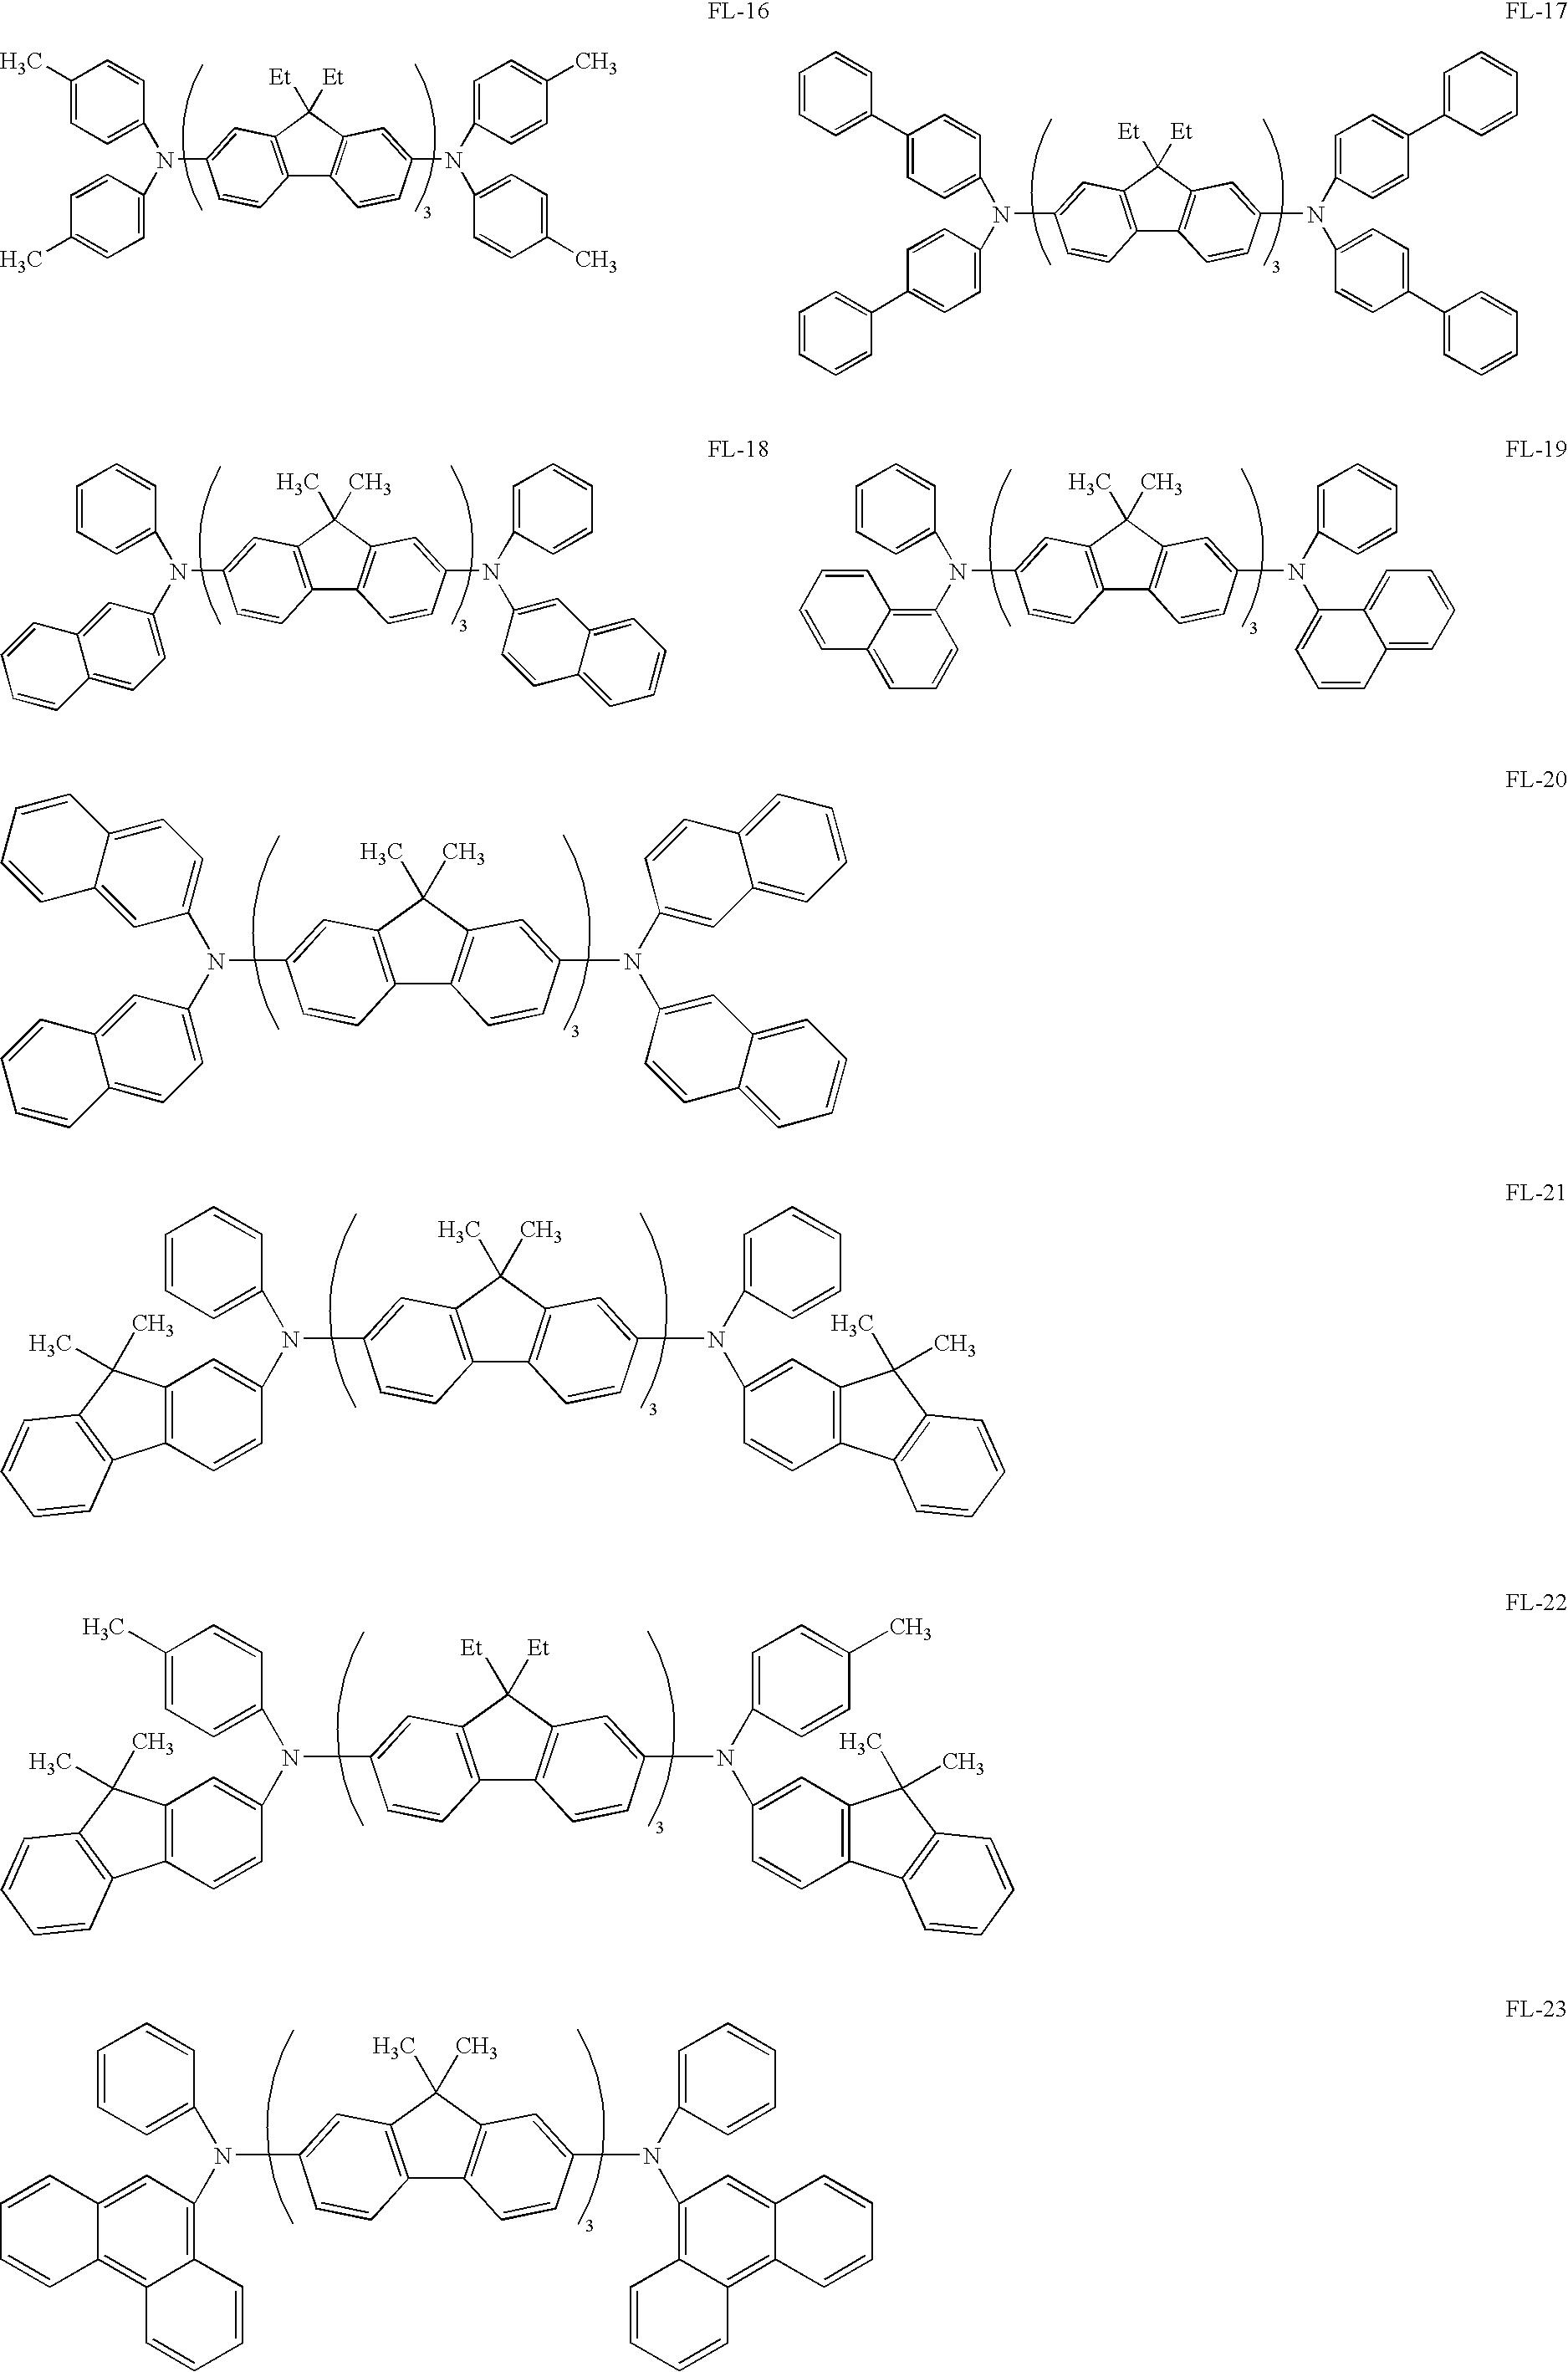 Figure US20060134425A1-20060622-C00016